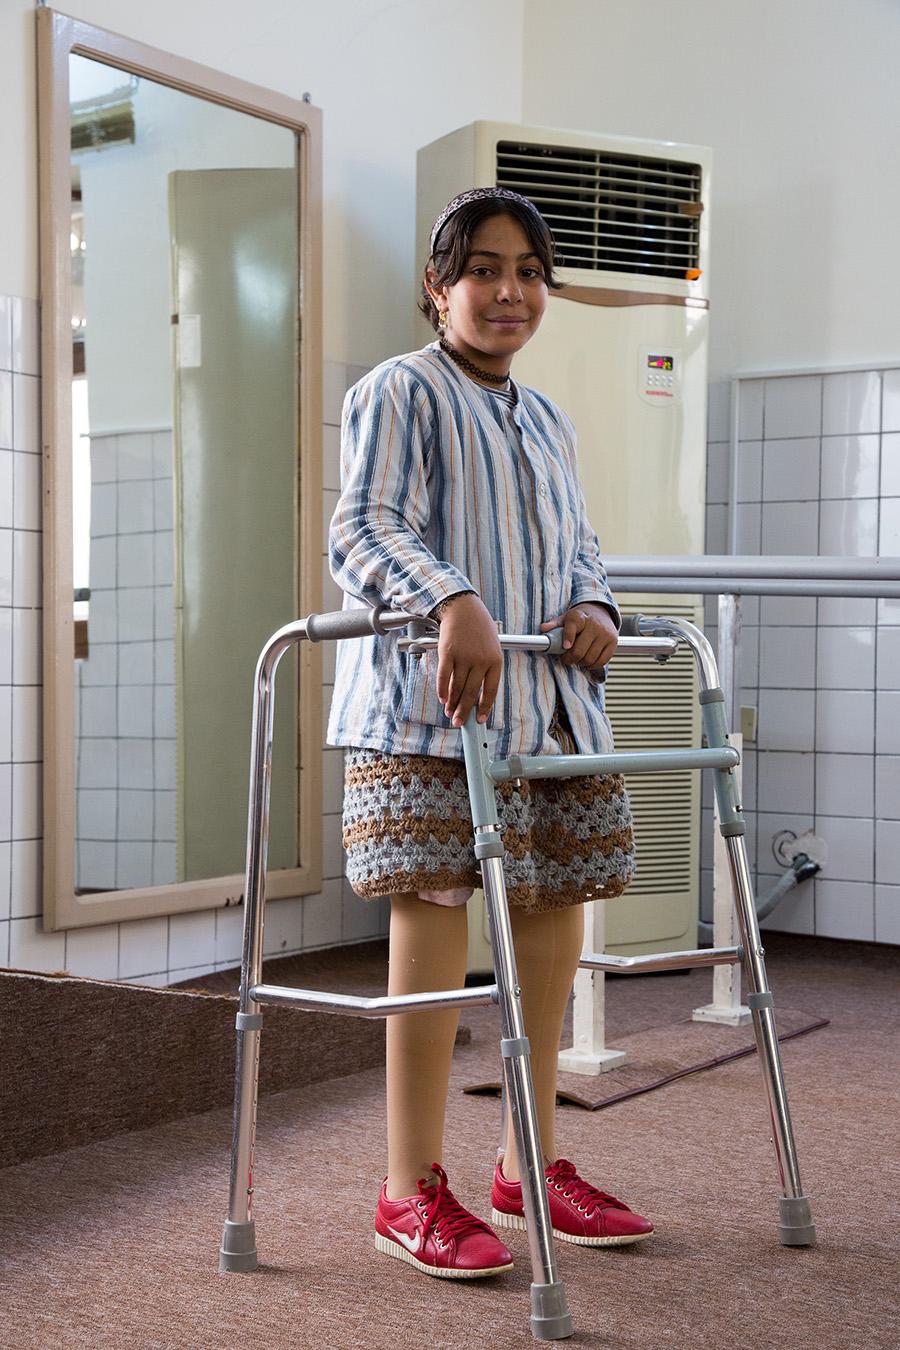 Ahlam nel nostro Centro di riabilitazione di Sulaimaniya in Iraq